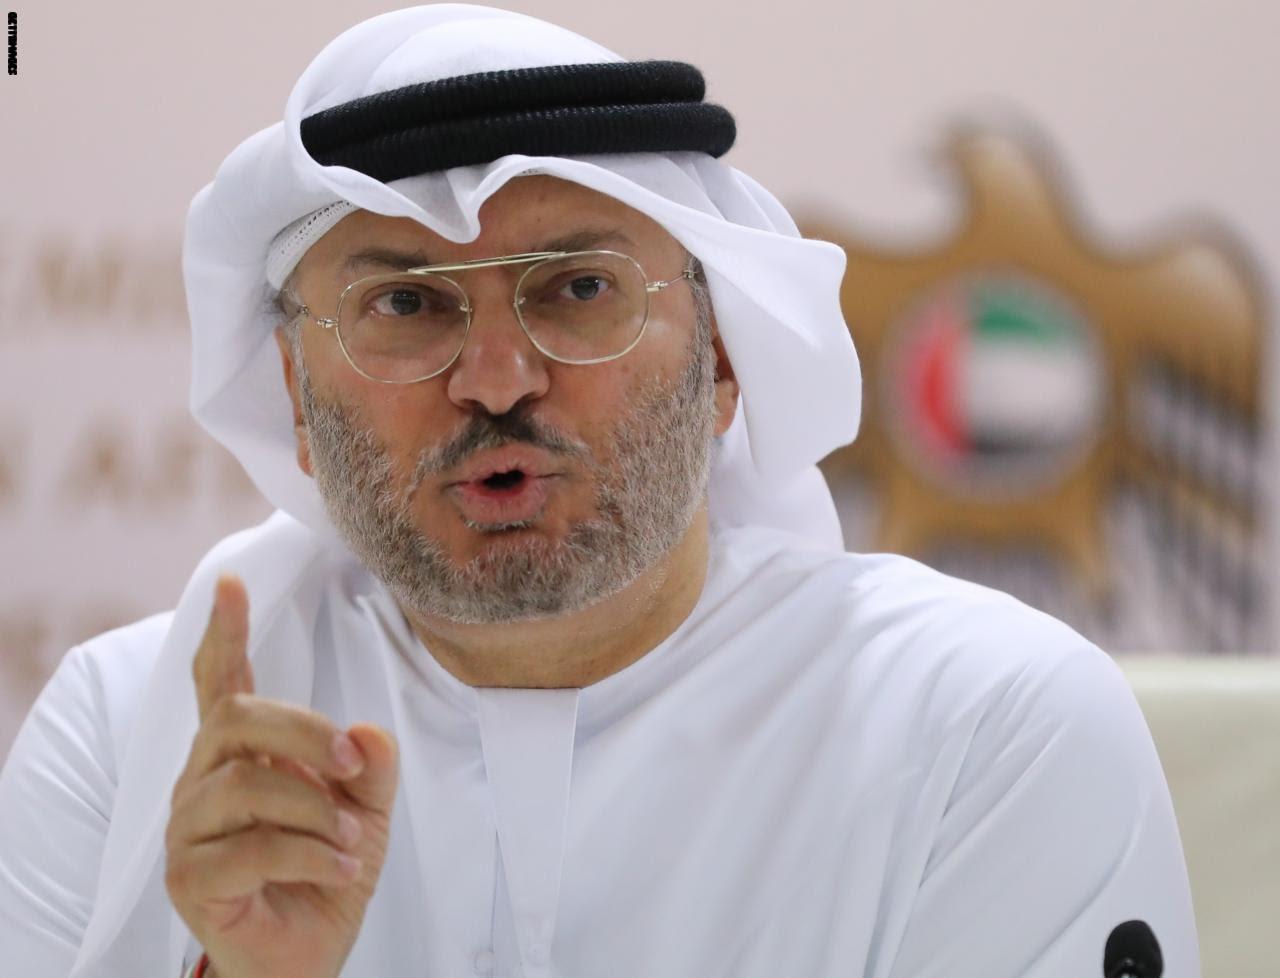 الإمارات العربية : علاقتنا بالسعودية صلبة واتفقنا معها على استراتيجية المرحلة القادمة في اليمن